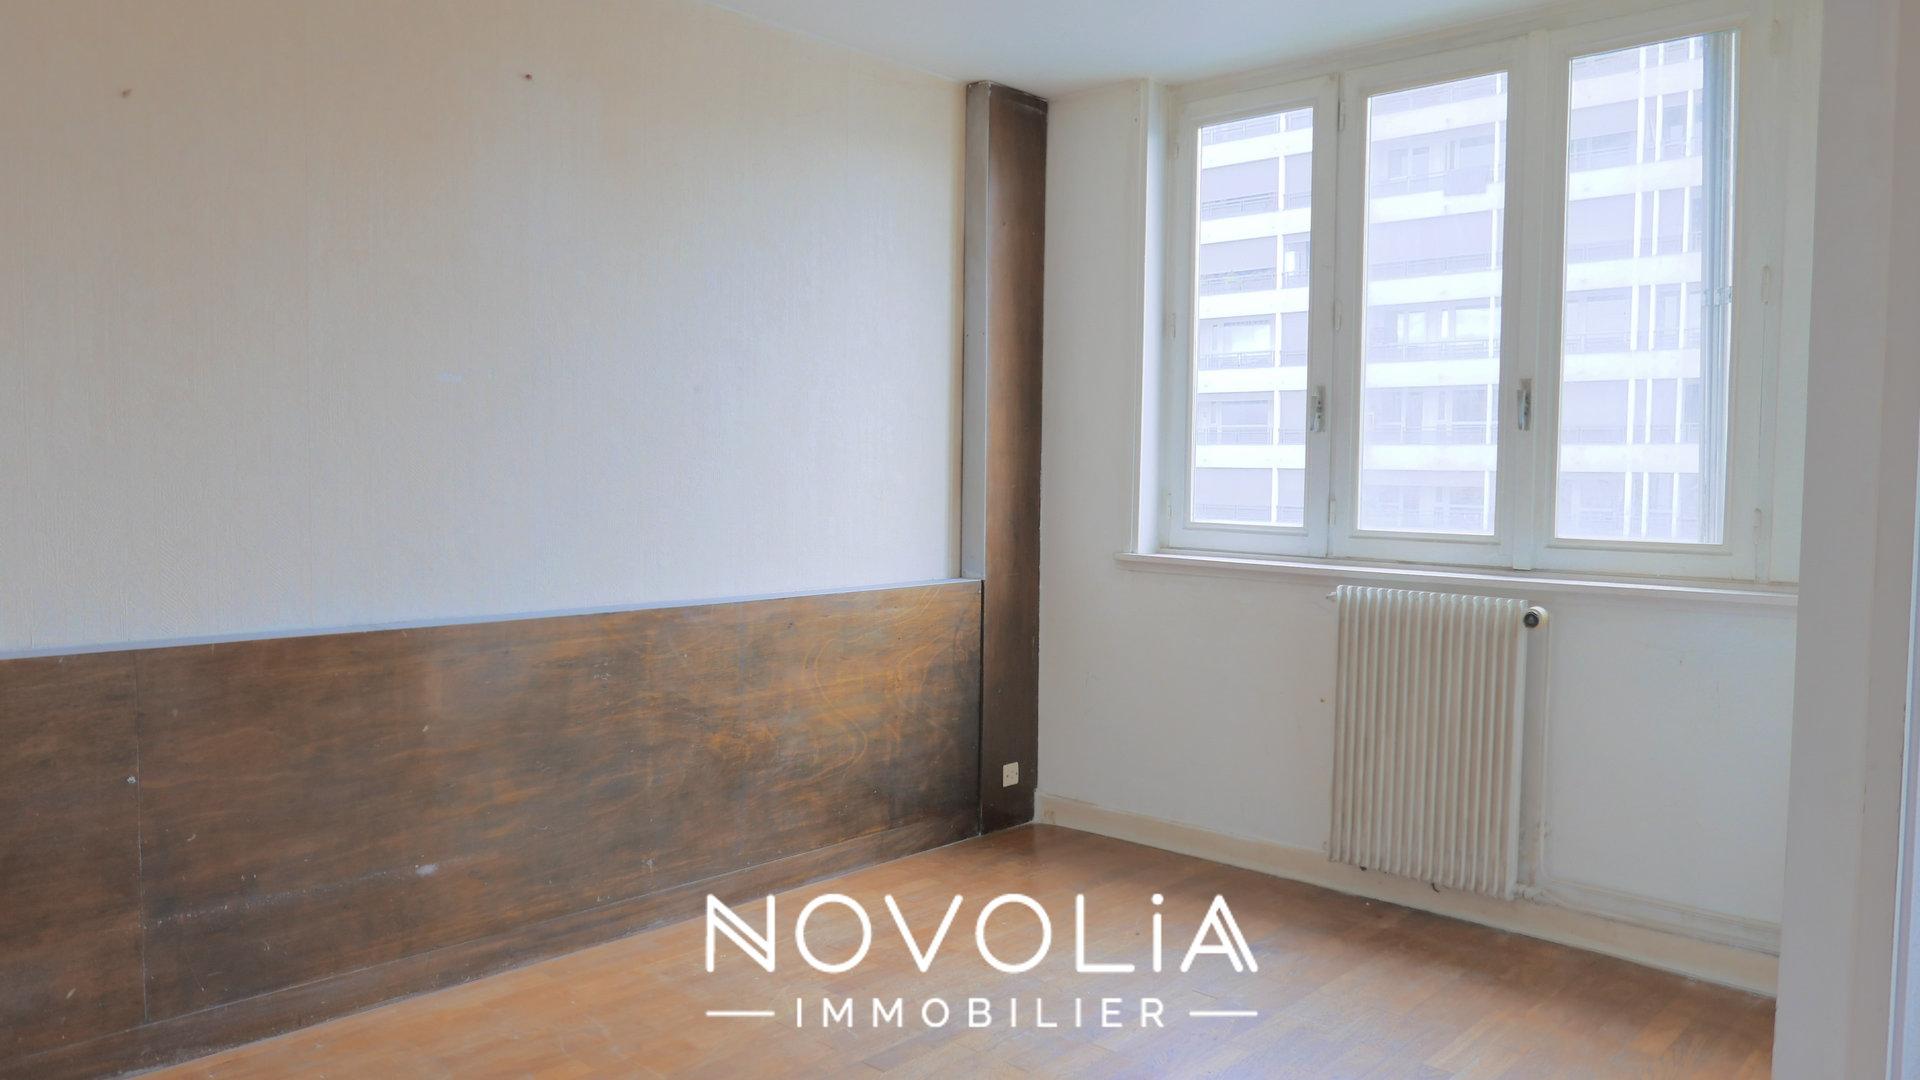 Achat Appartement, Surface de 74.56 m²/ Total carrez : 74.56 m², 4 pièces, Villeurbanne (69100)